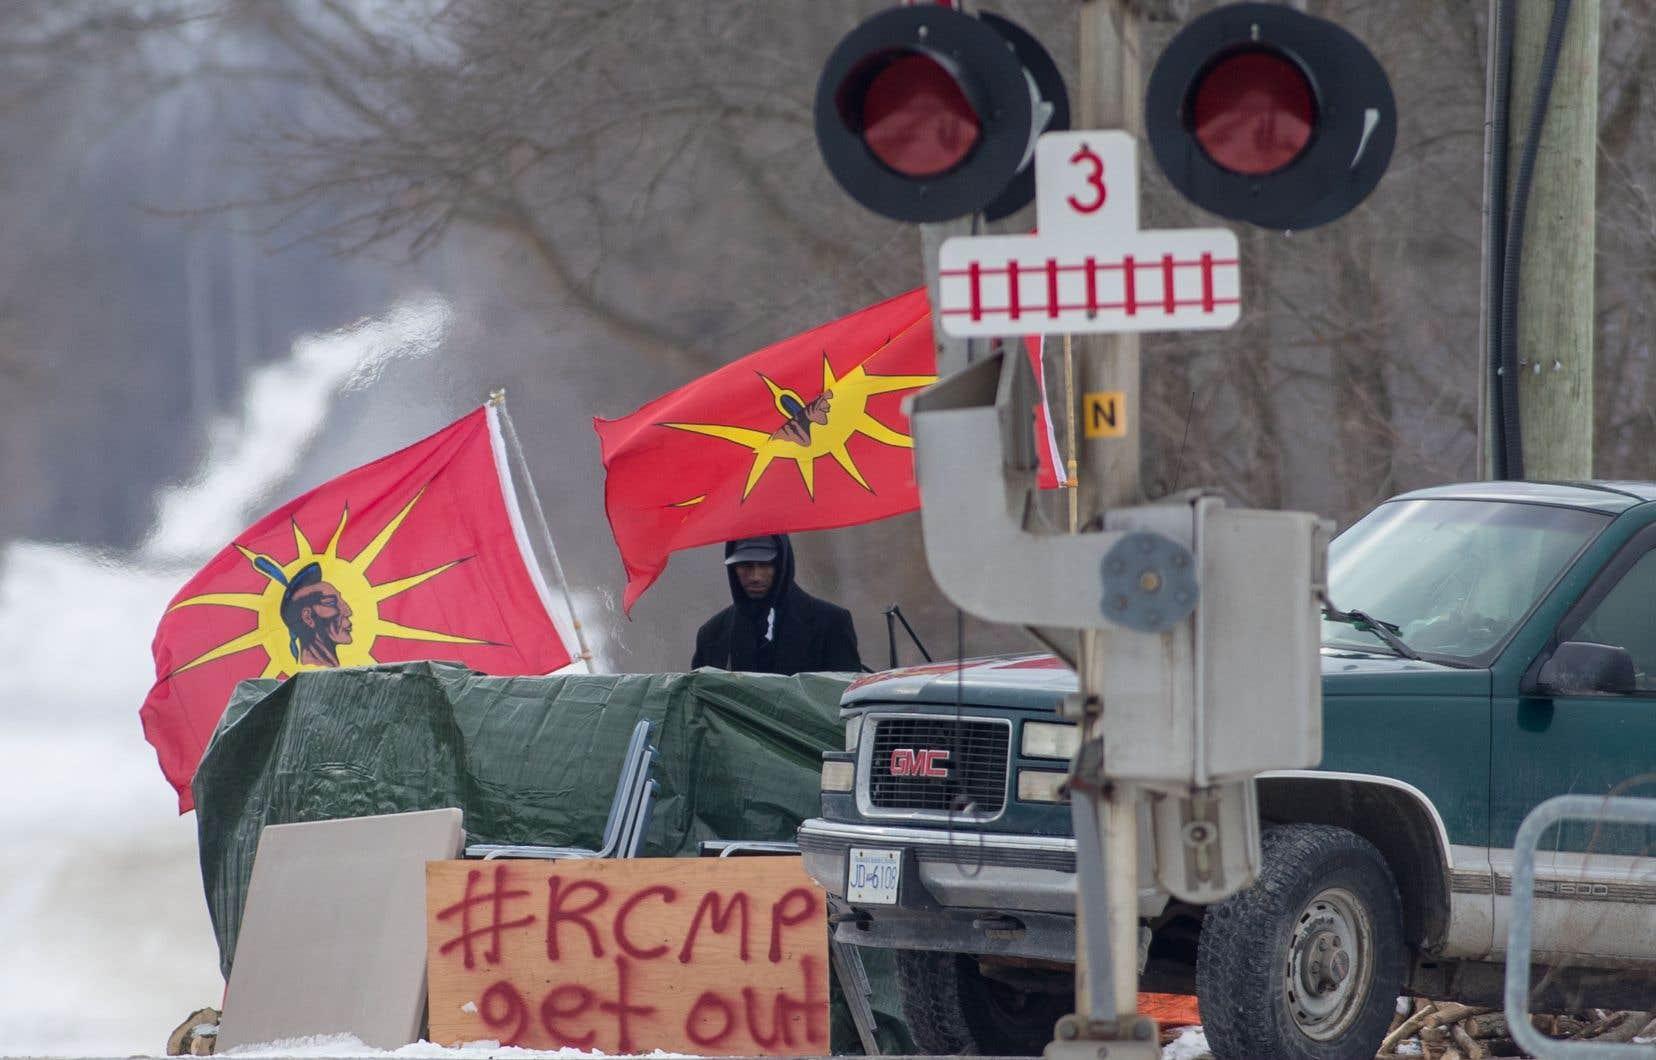 Des manifestants ont installé des barrages sur des voies ferroviaires pour protester contre un projet de gazoduc qui traverserait le territoire ancestral des Wet'suwet'en.